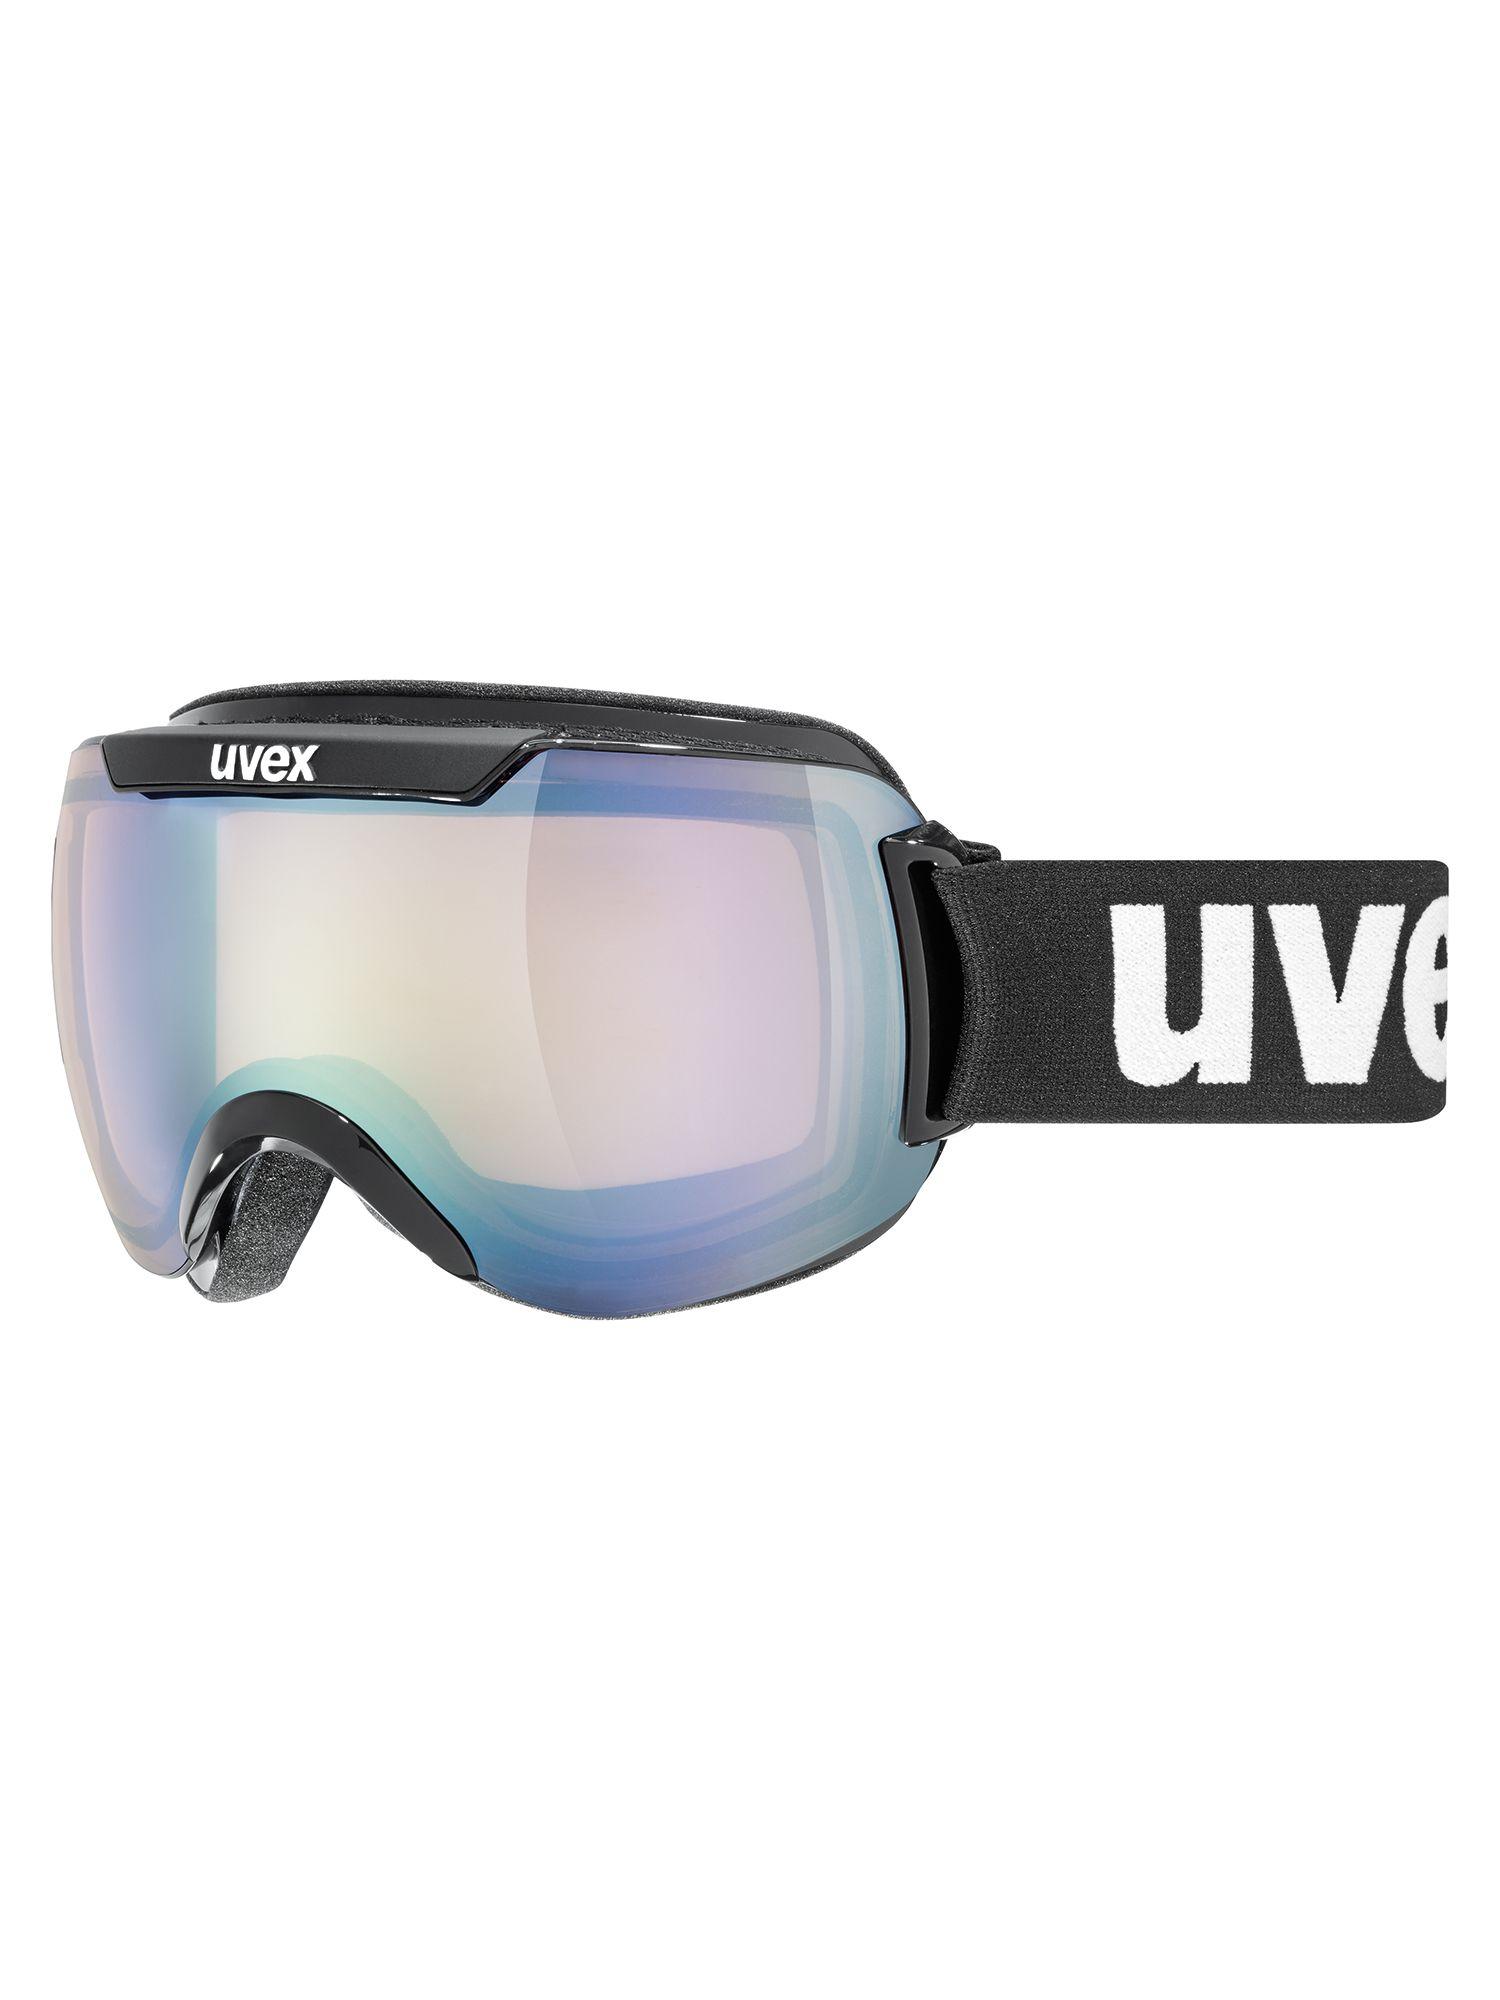 Downhill 2000 VLM Goggles, Oakley sunglasses, Gorsuch